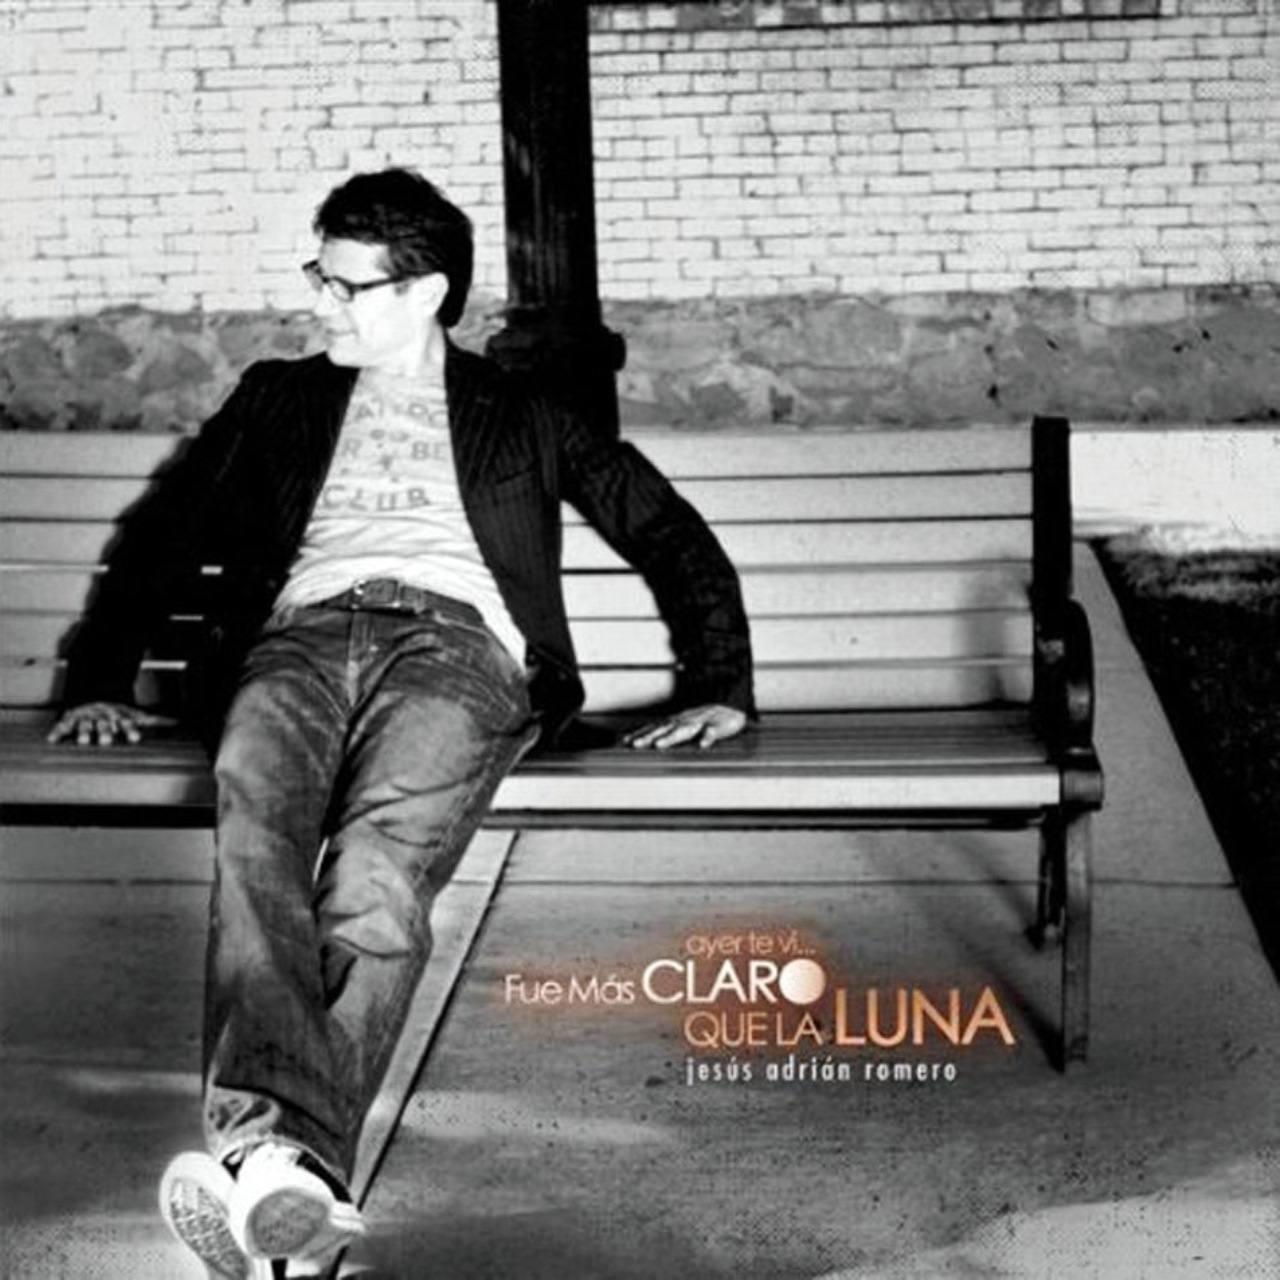 Álbum Ayer te vi fue más claro que la luna, de Jesús Adrian Romero